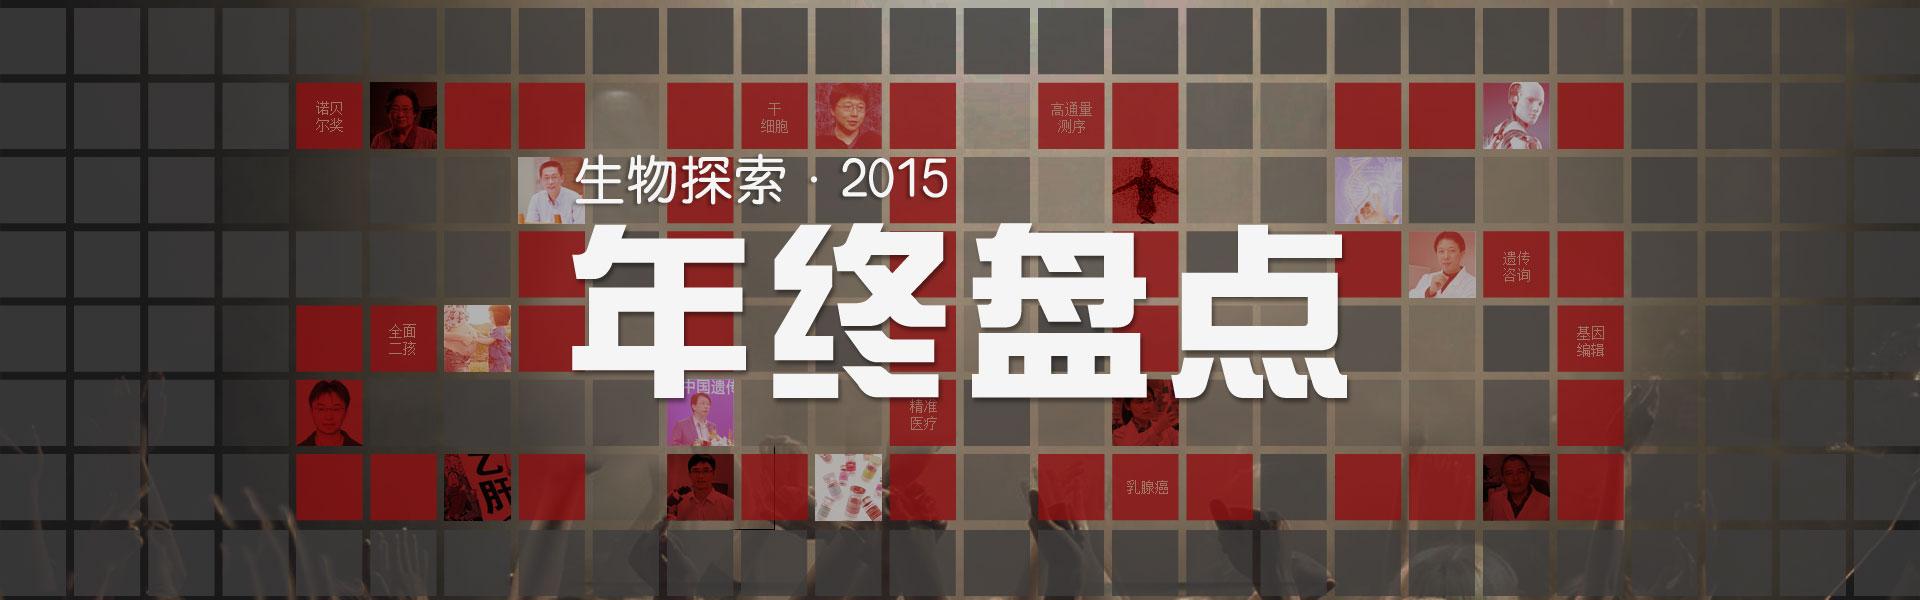 虎嗅2015年年度作者评选